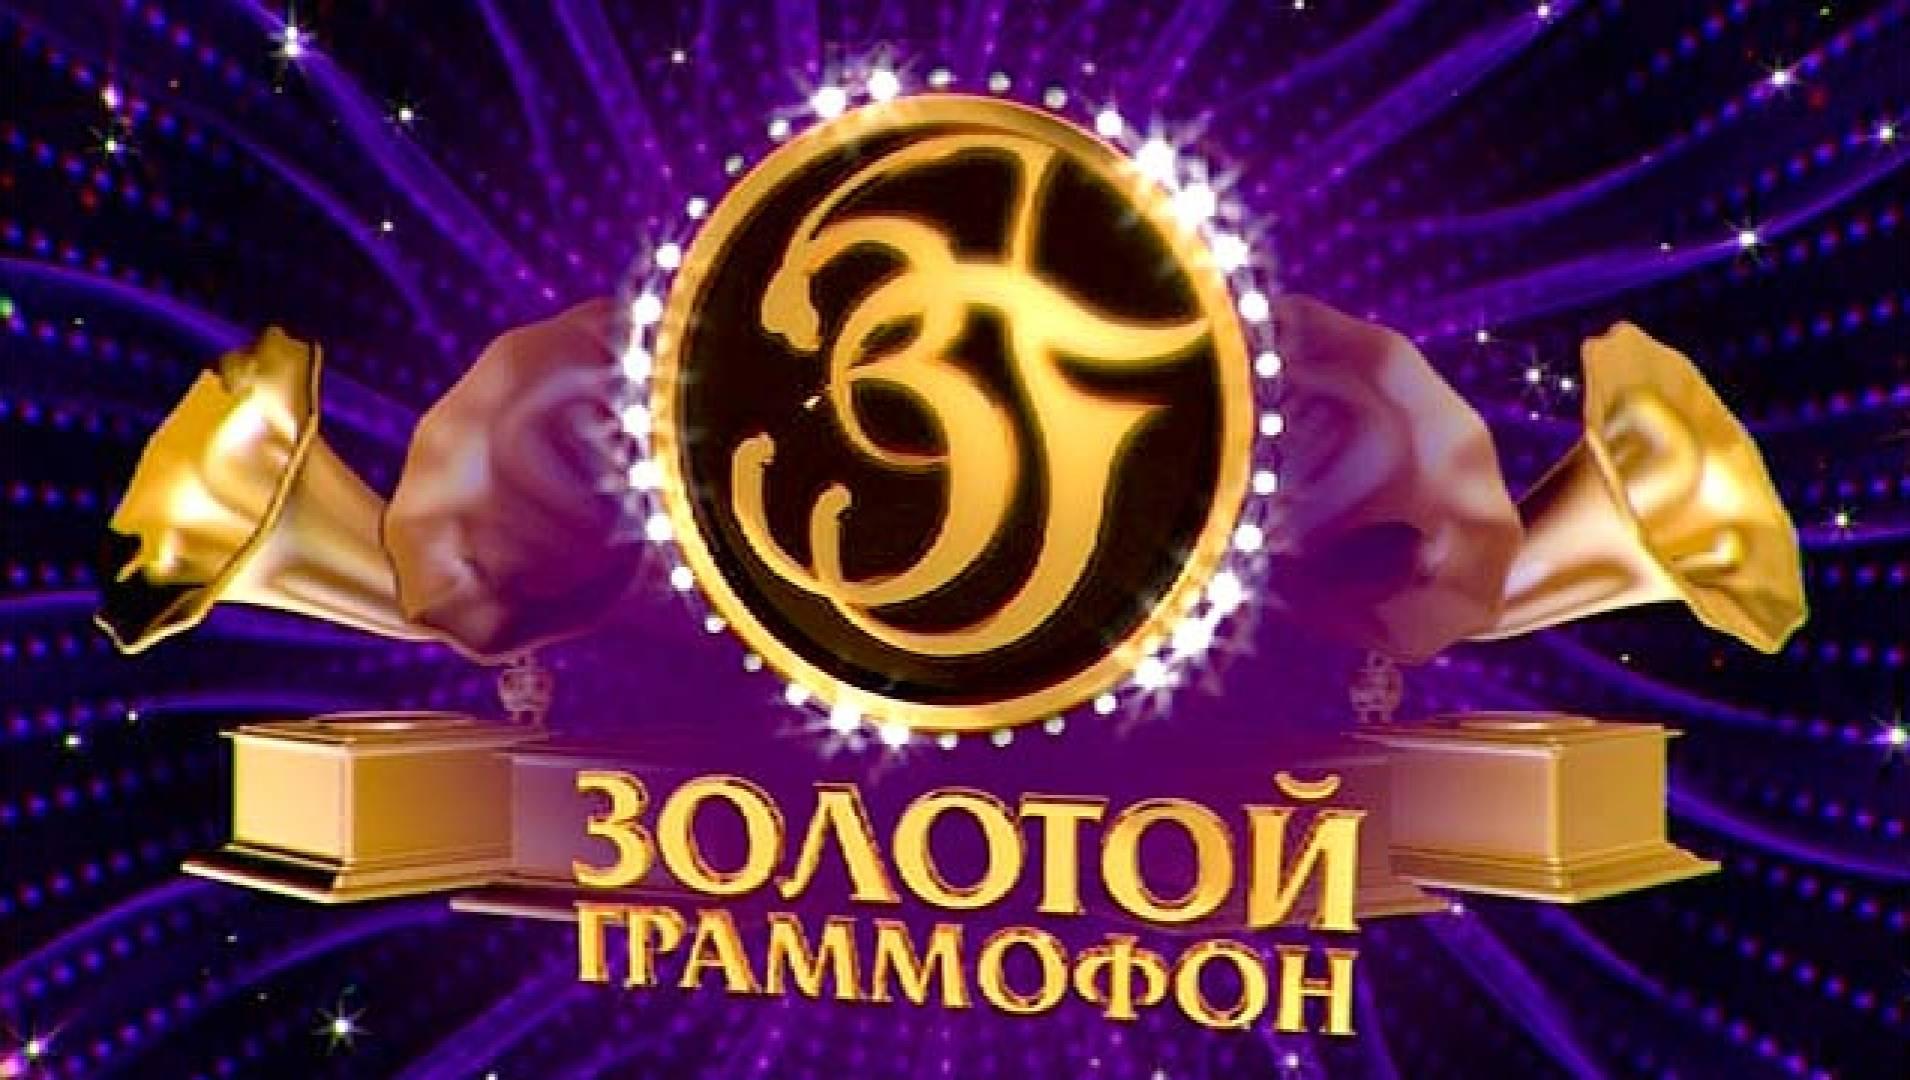 Золотой граммофон 2014 - Программа